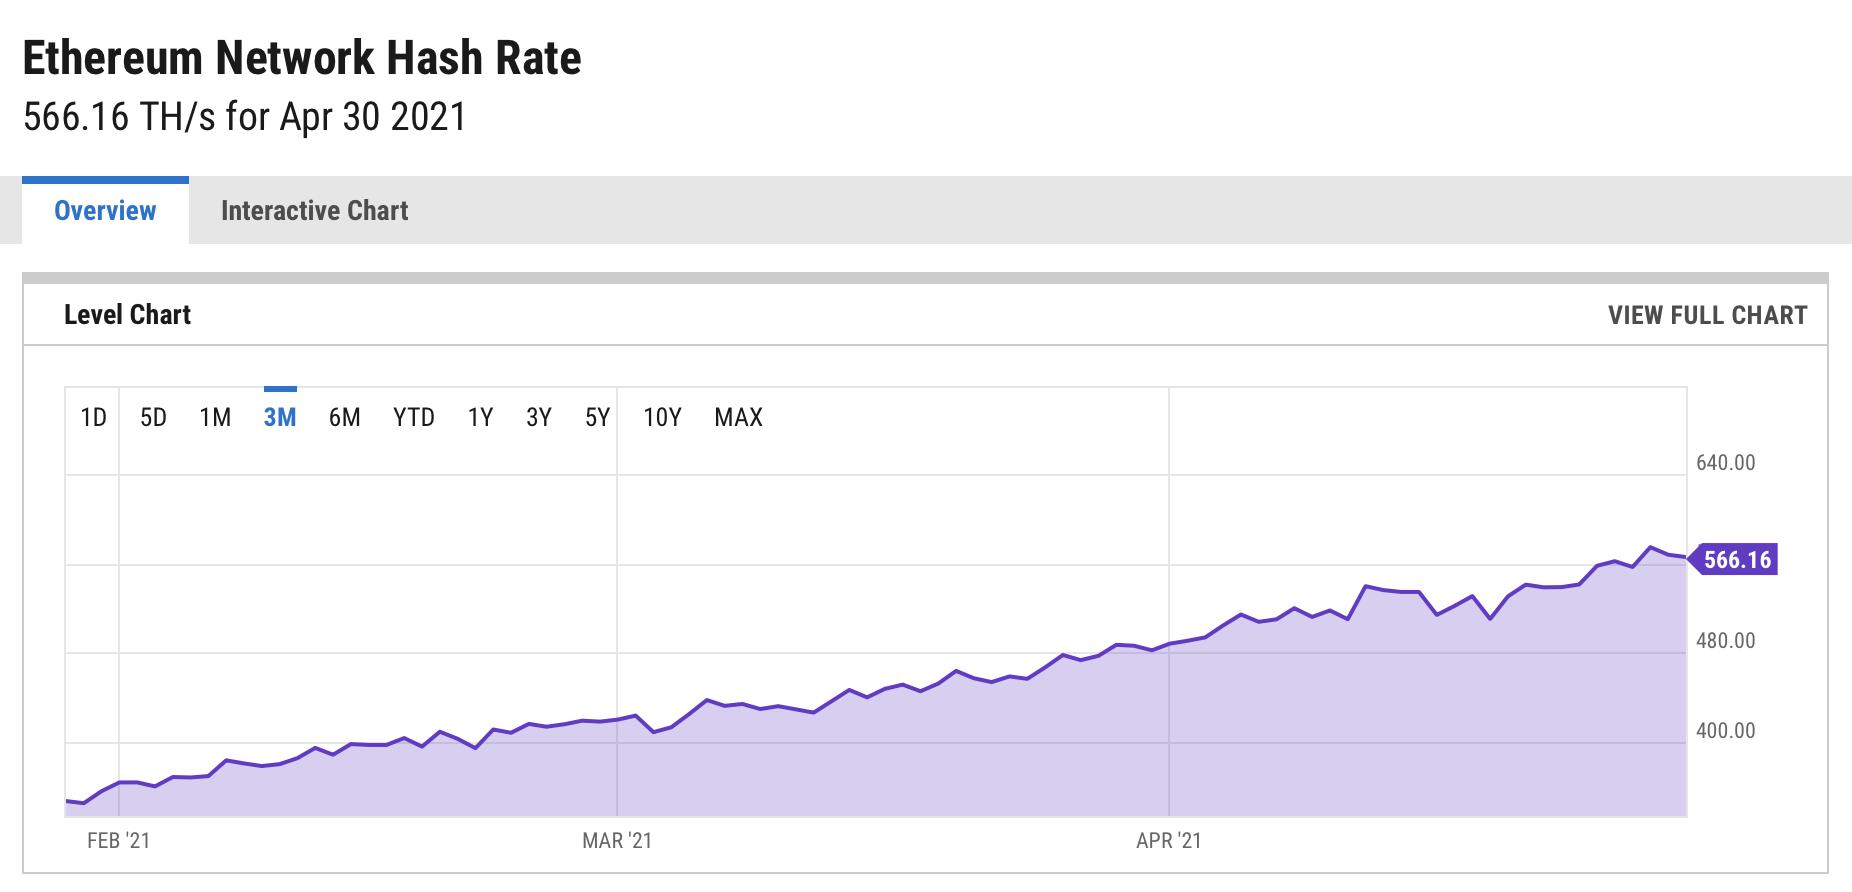 数据来源:ycharts